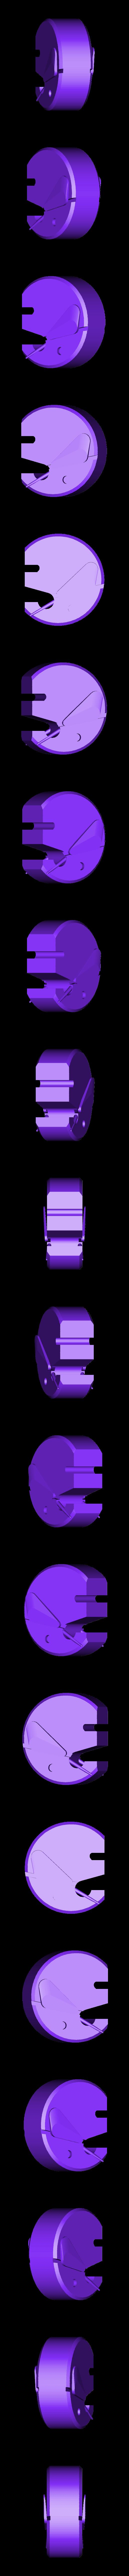 danish_elephant_ears_tusk_V4.stl Télécharger fichier STL gratuit éléphant moderne danois avec oreilles et défenses • Modèle imprimable en 3D, pgraaff